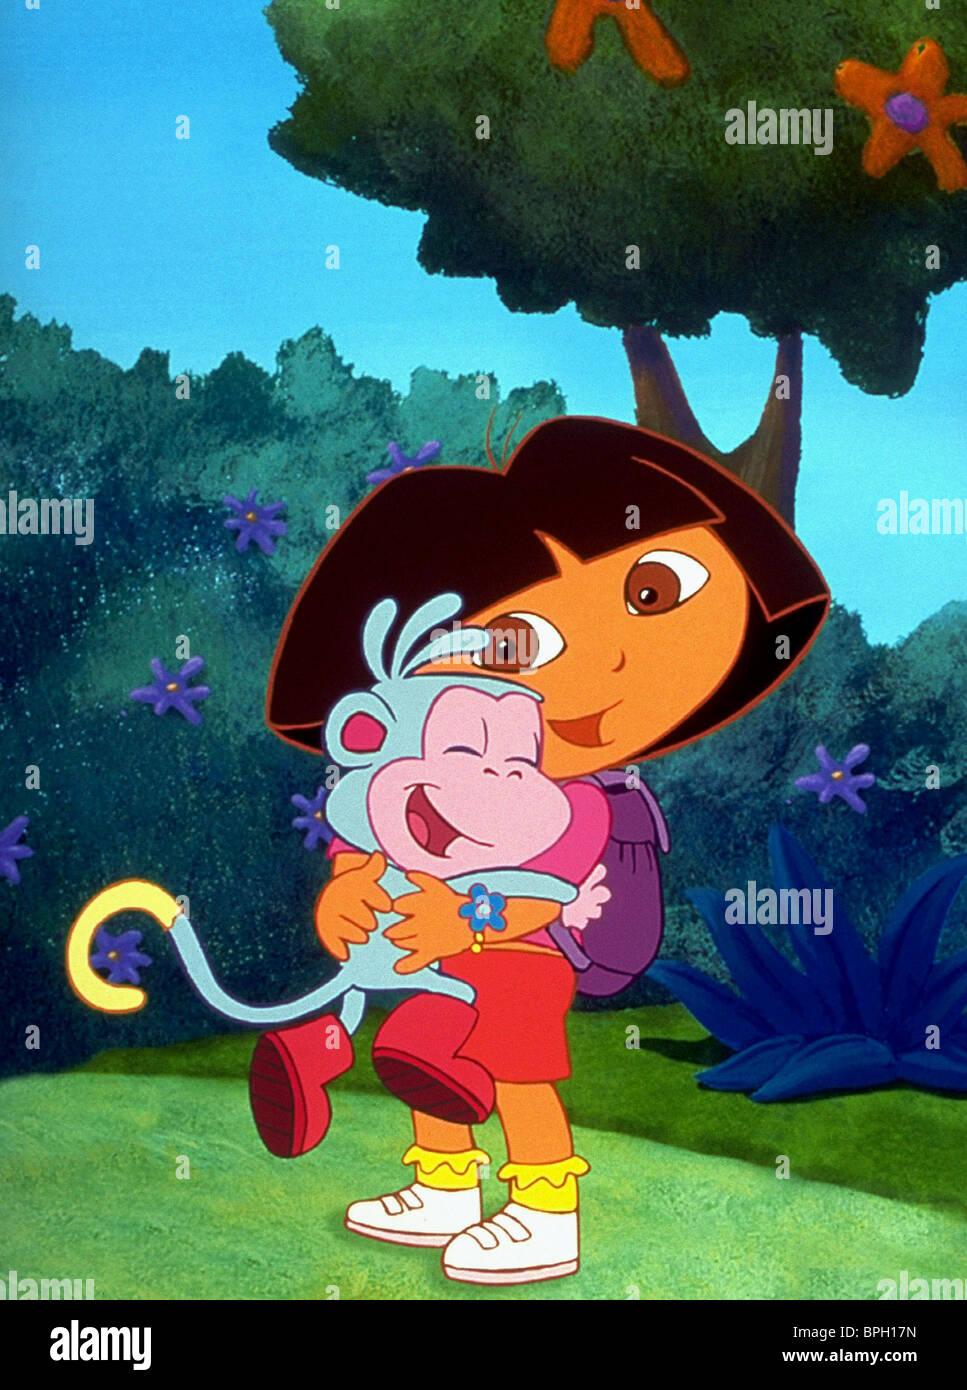 dora u0026 boots the monkey dora the explorer 2000 stock photo